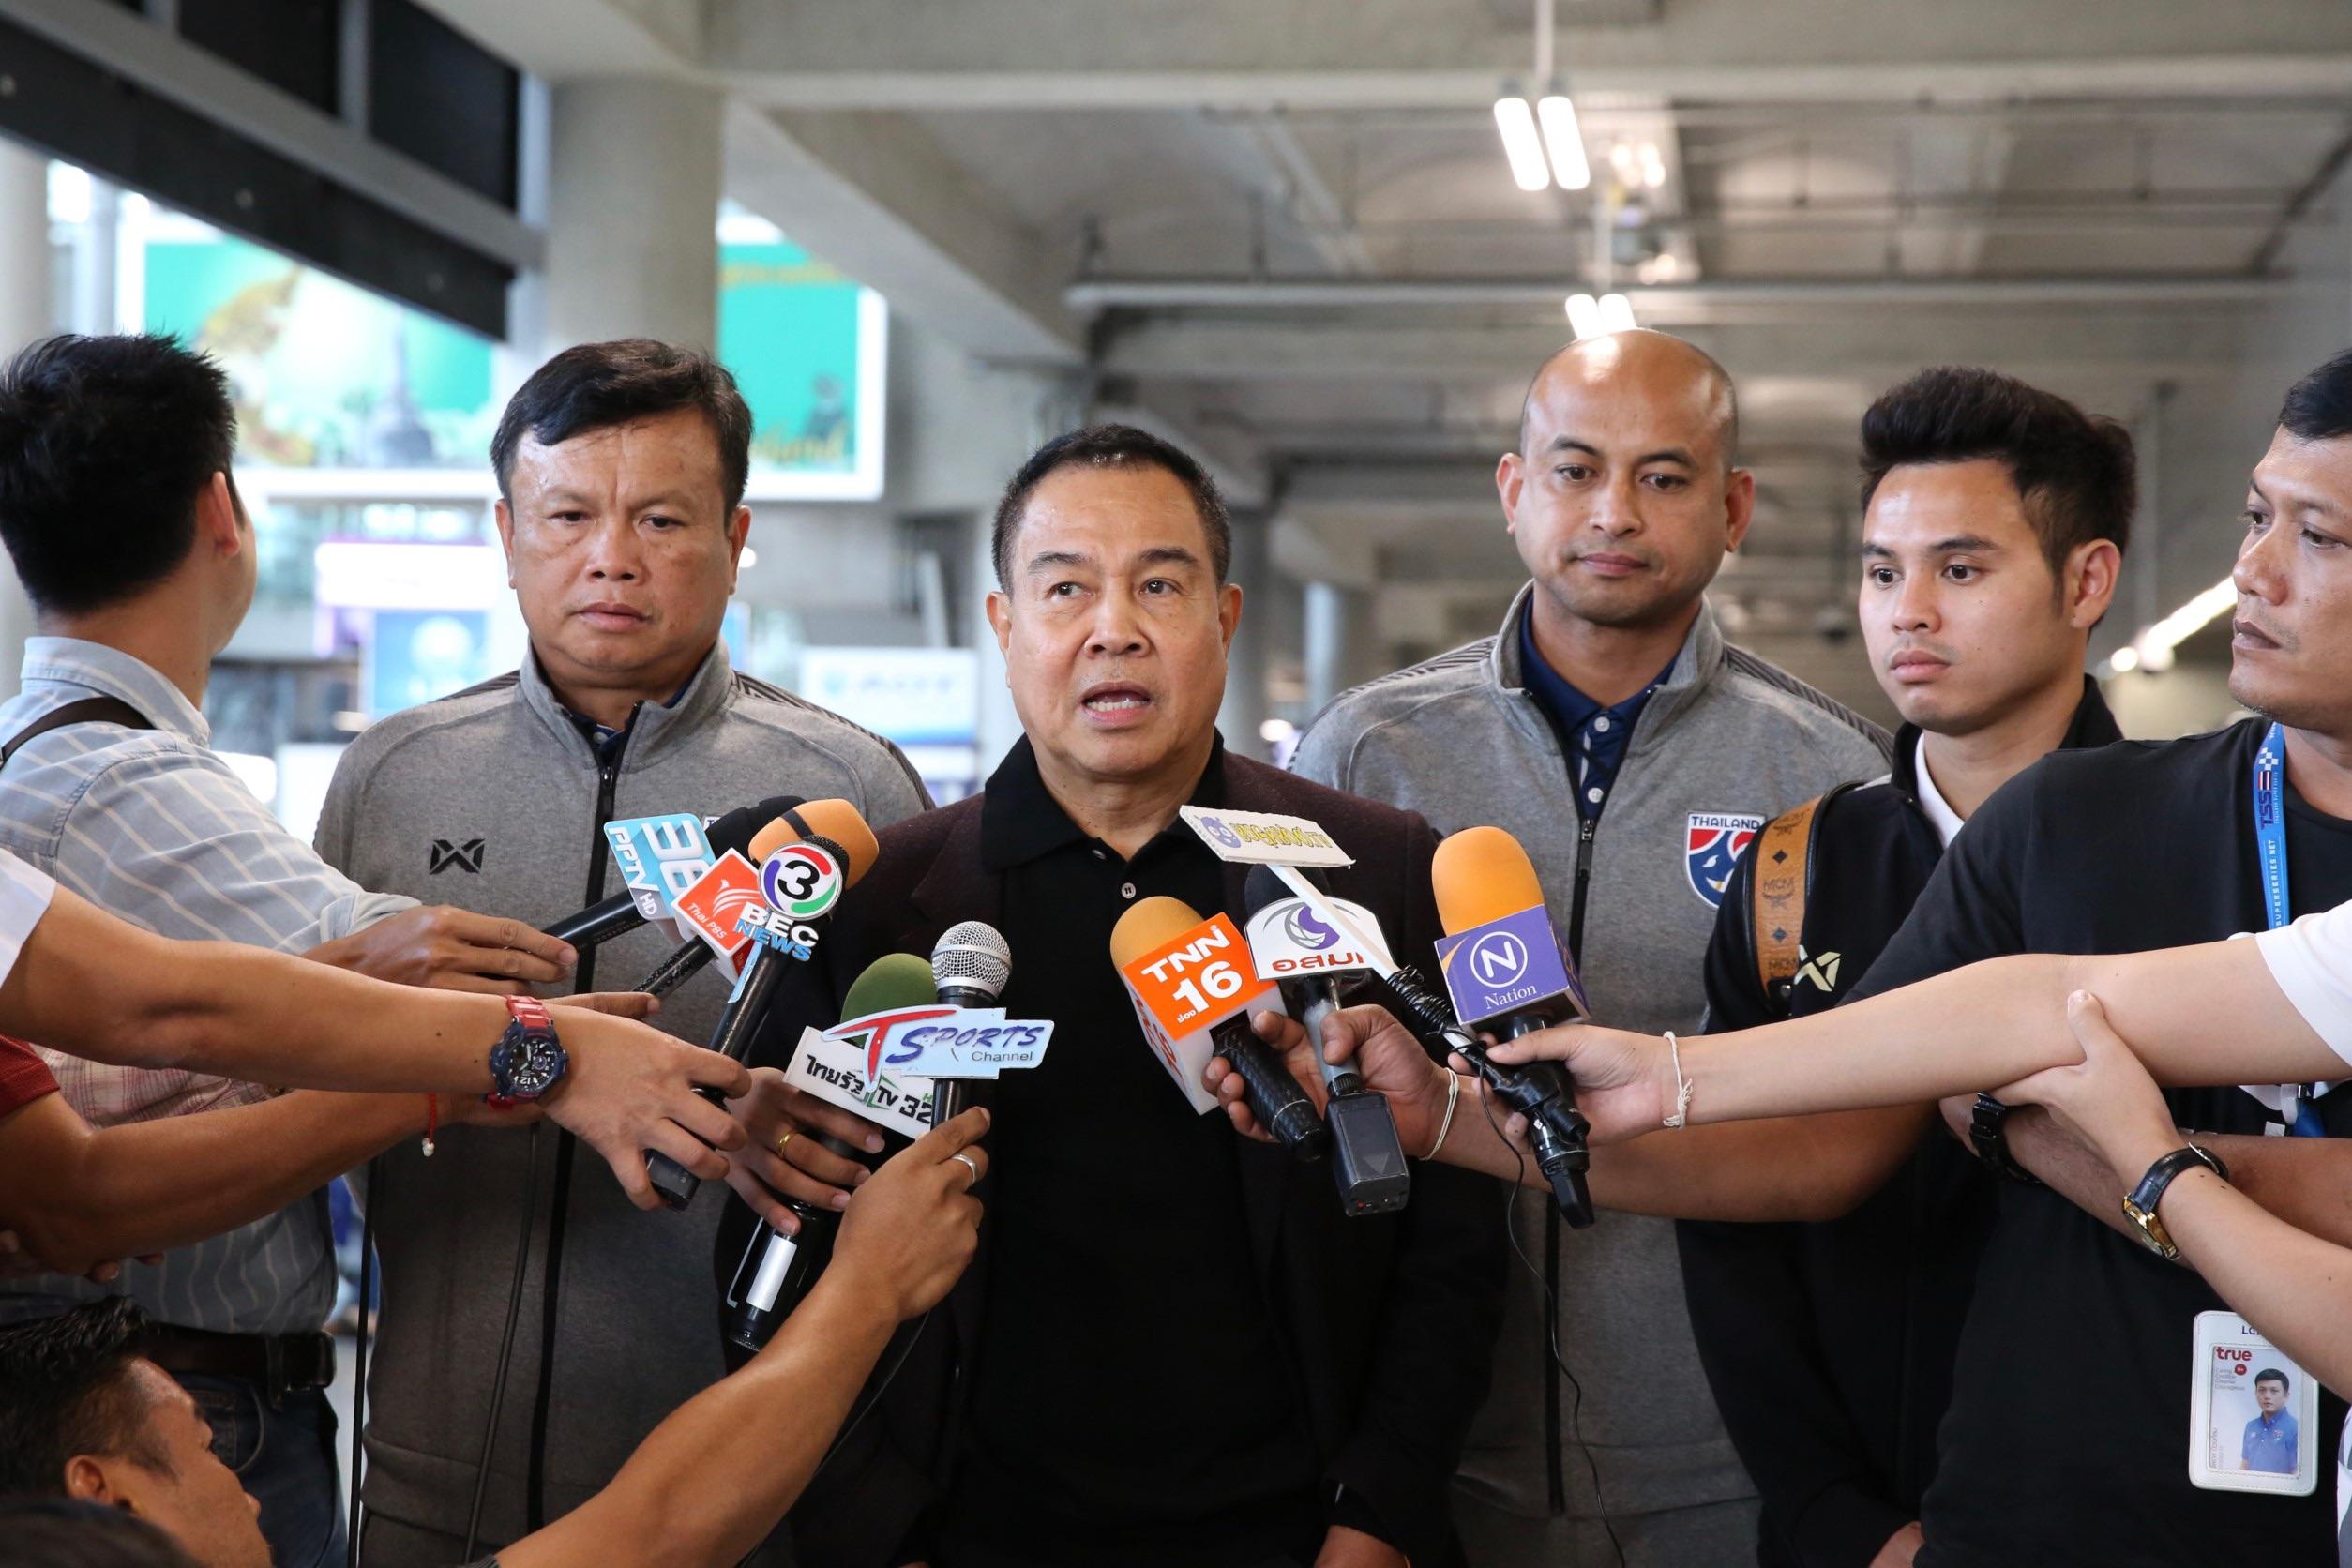 คิงส์คัพ 2019 ทีมชาติไทย สมยศ พุ่มพันธุ์ม่วง